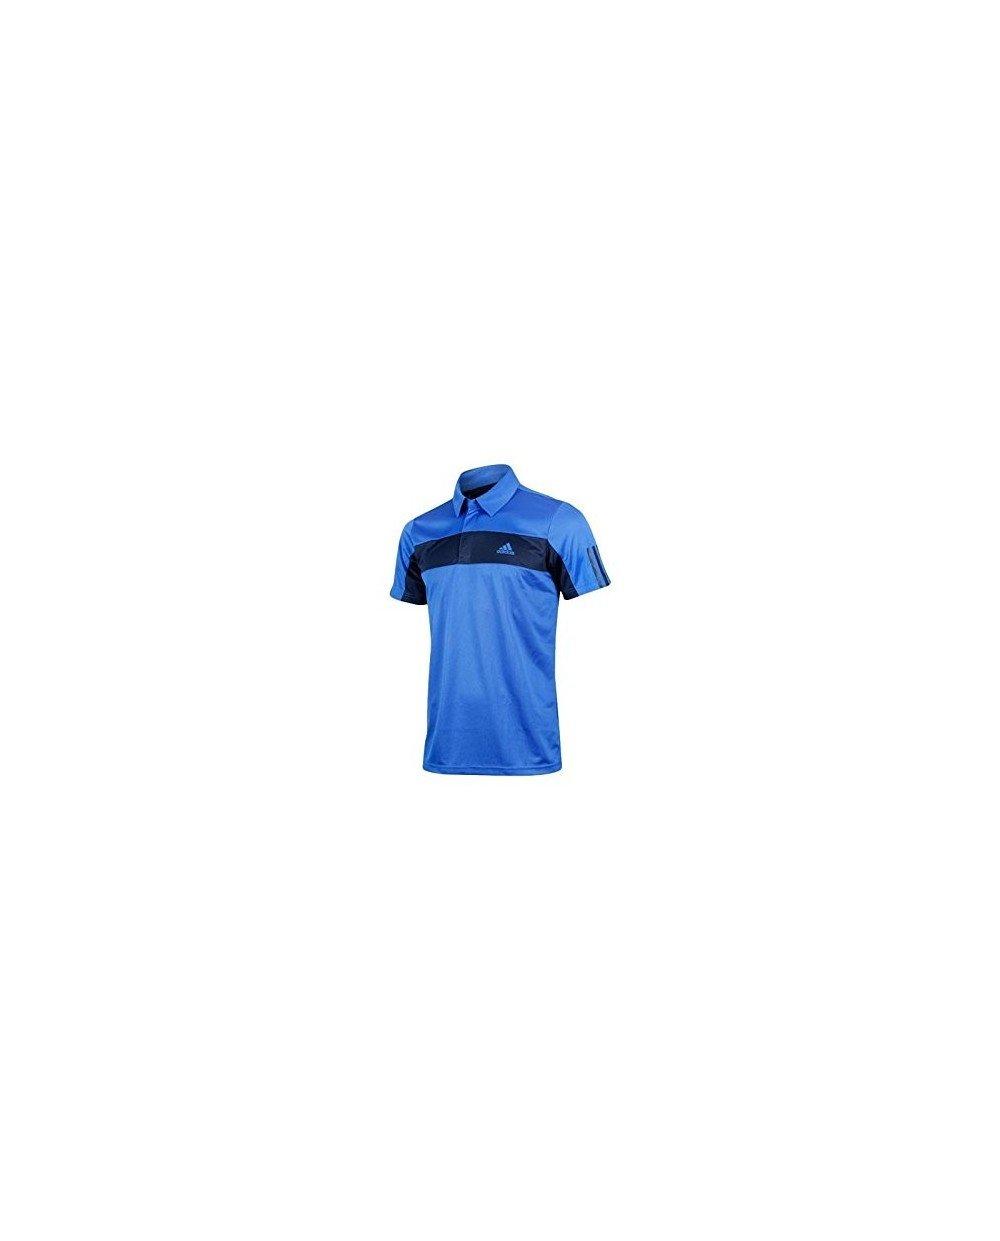 adidas Padel TS Galaxy Polo - Camiseta para Hombre, Color Azul Marino, Talla M: Amazon.es: Deportes y aire libre